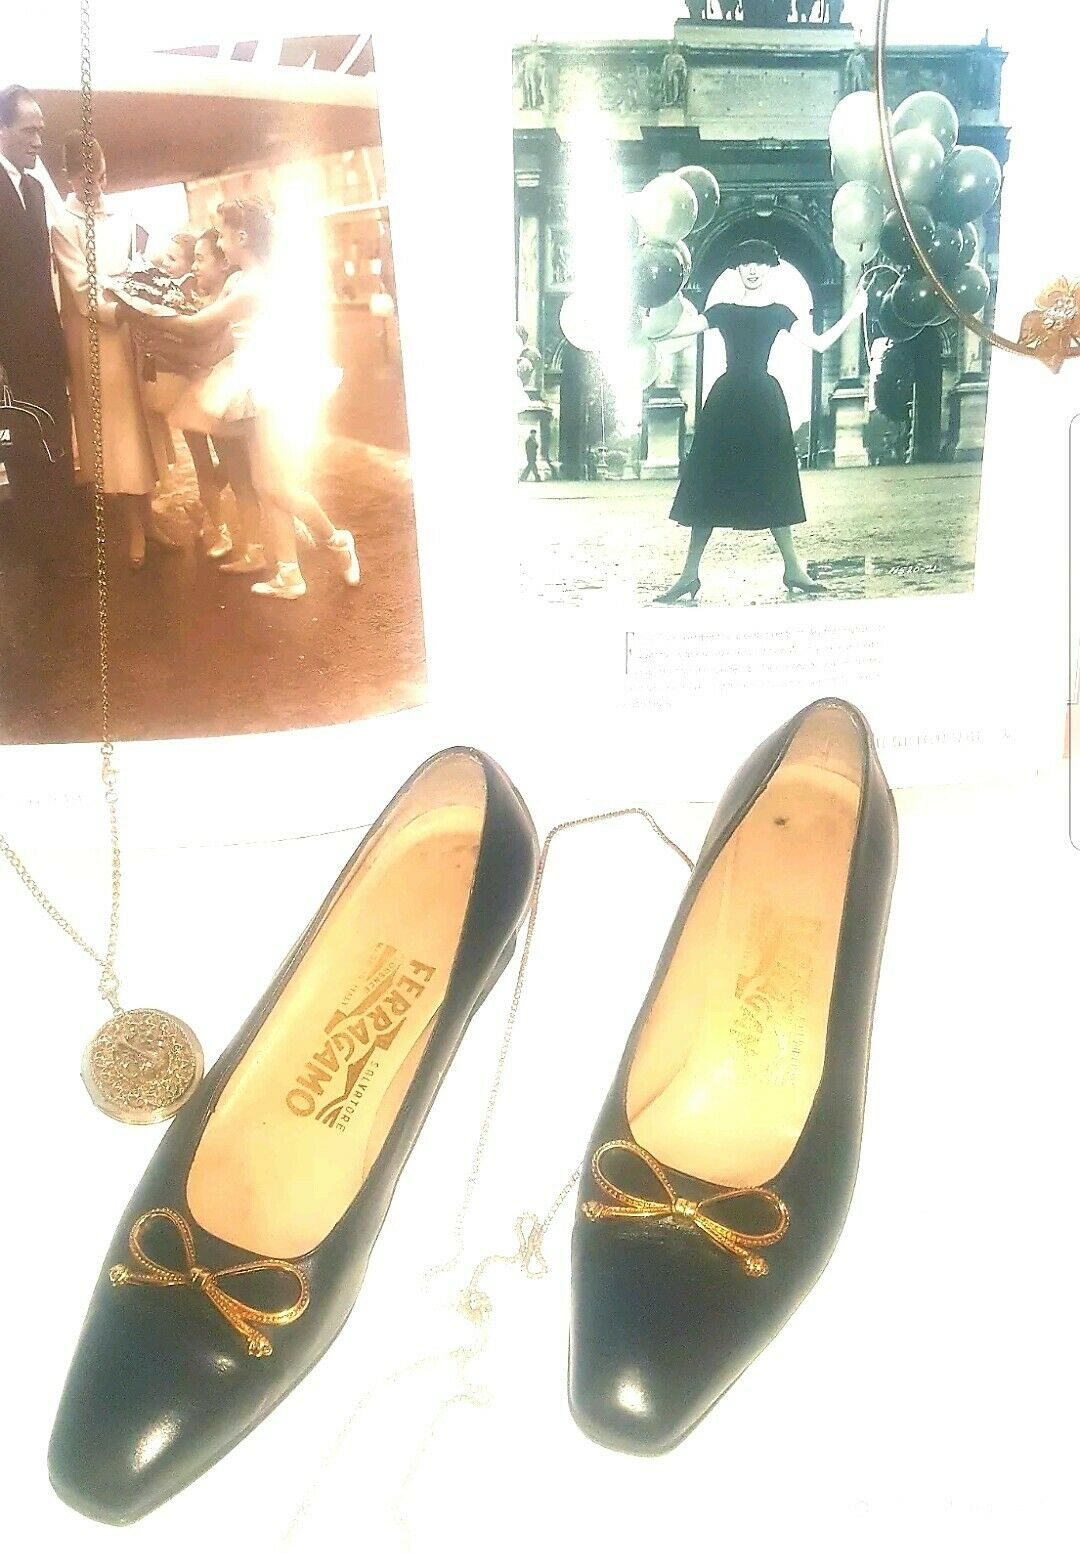 Salvatore Salvatore Salvatore Ferragamo Vintage Navy blå w   guld Bow Storlek 5  online billigt